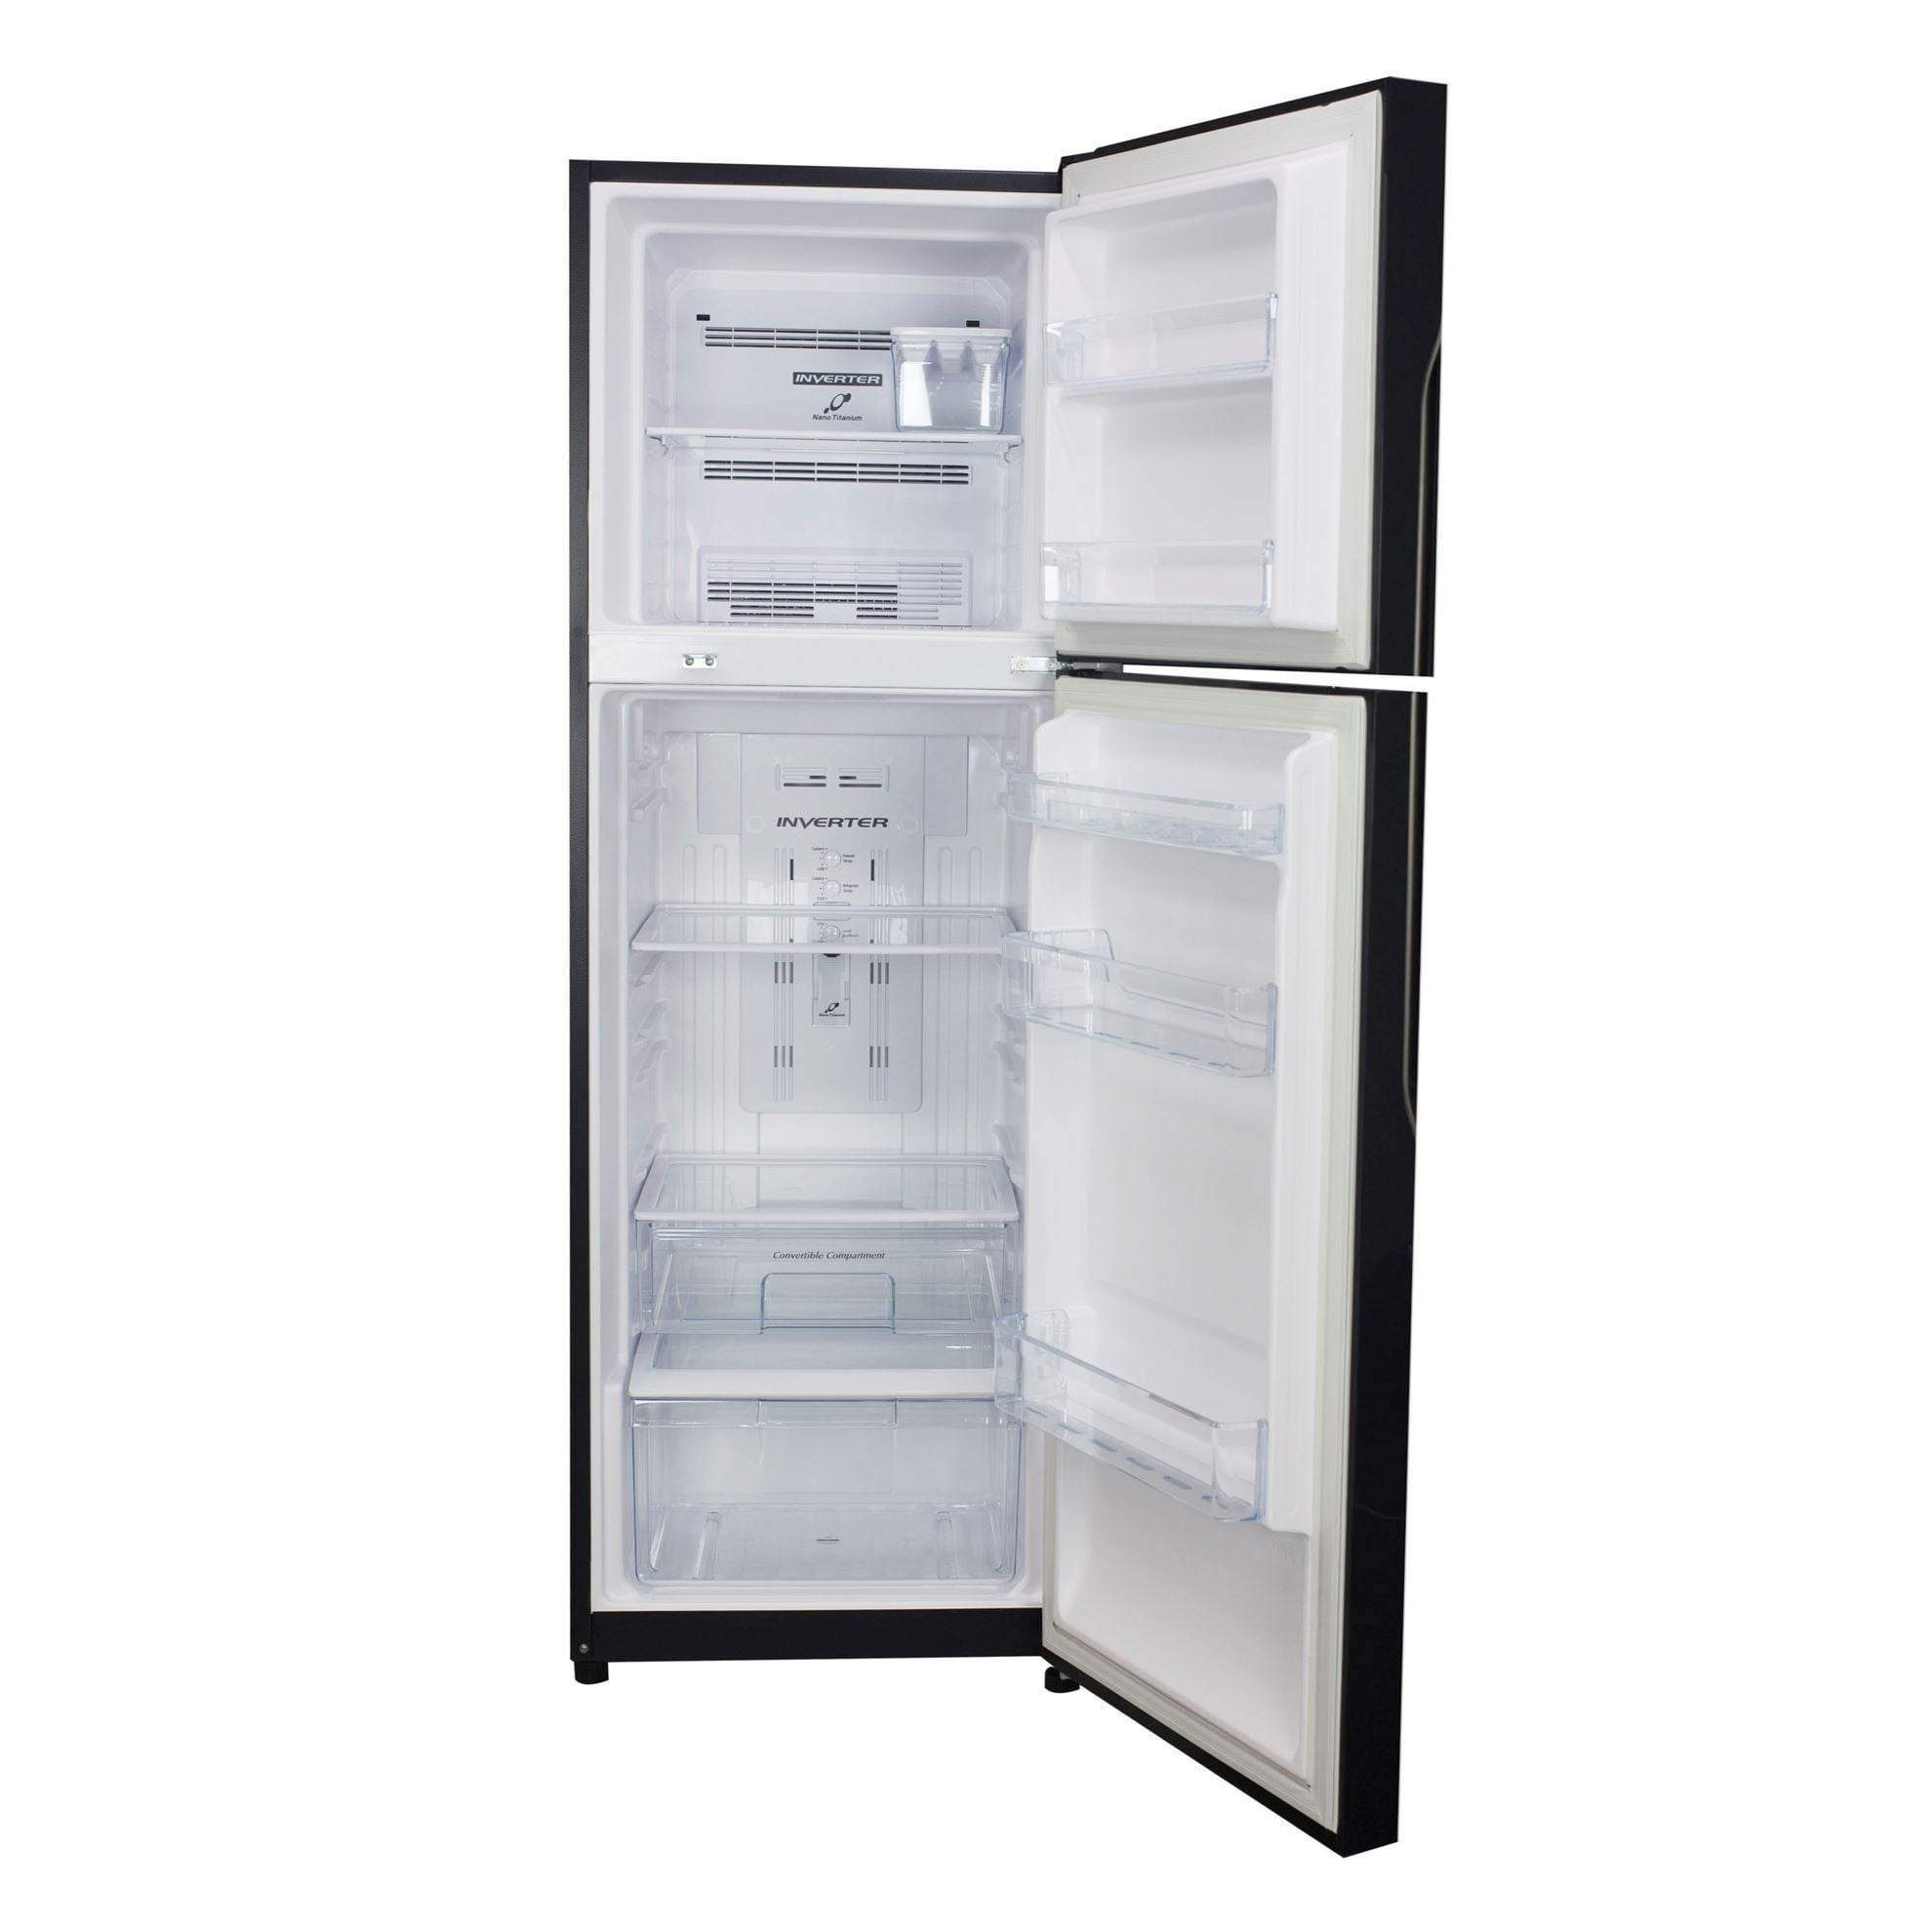 Hitachi Refrigerator R-H270P7PBK Inside